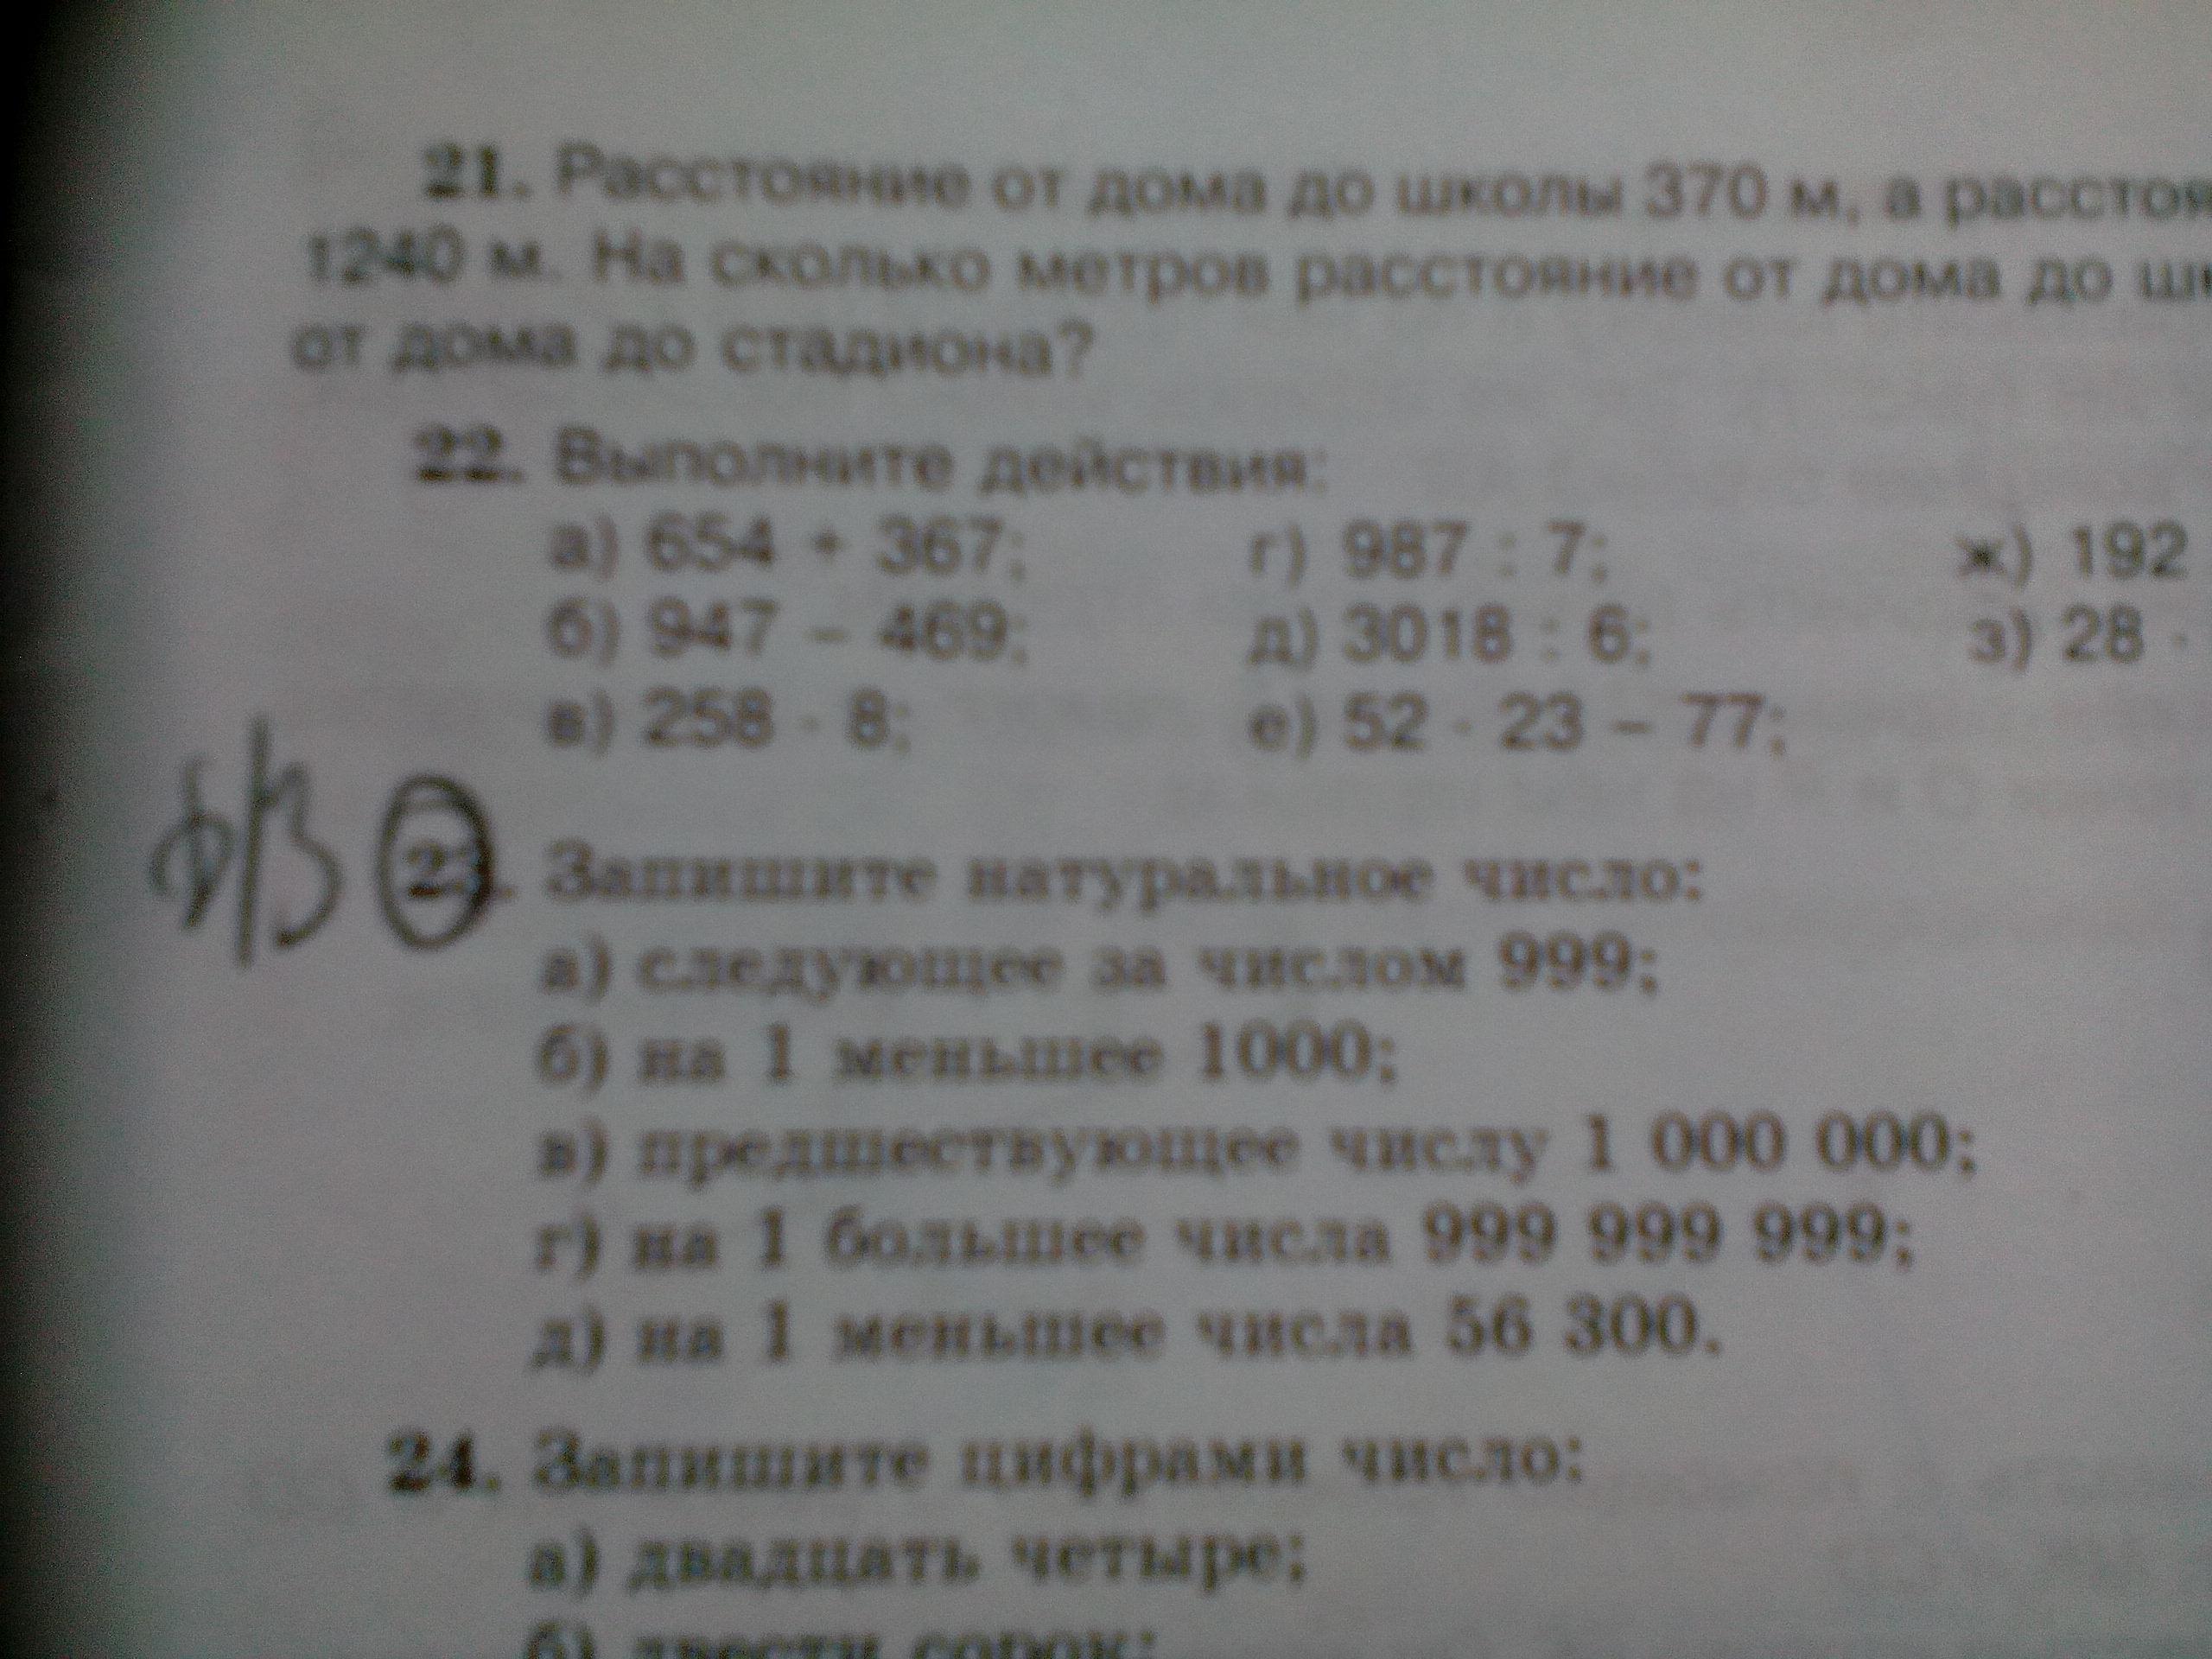 Запишите натуральное число следующее за 999